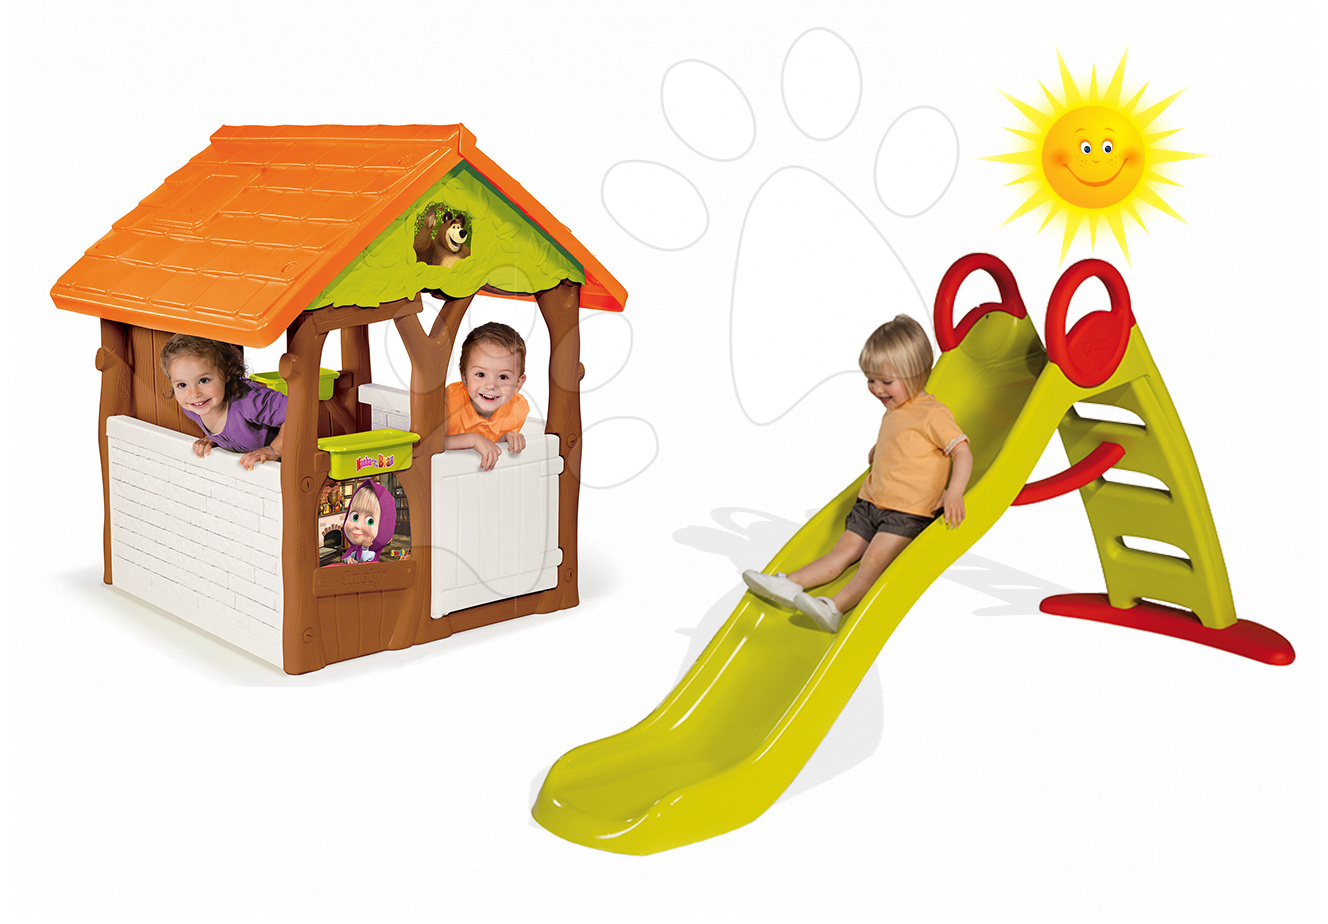 Domčeky so šmykľavkou - Set domček Máša a medveď Smoby s kvetináčom a šmykľavka Toboggan Funny vlnkovitá s dĺžkou 2 m od 24 mes